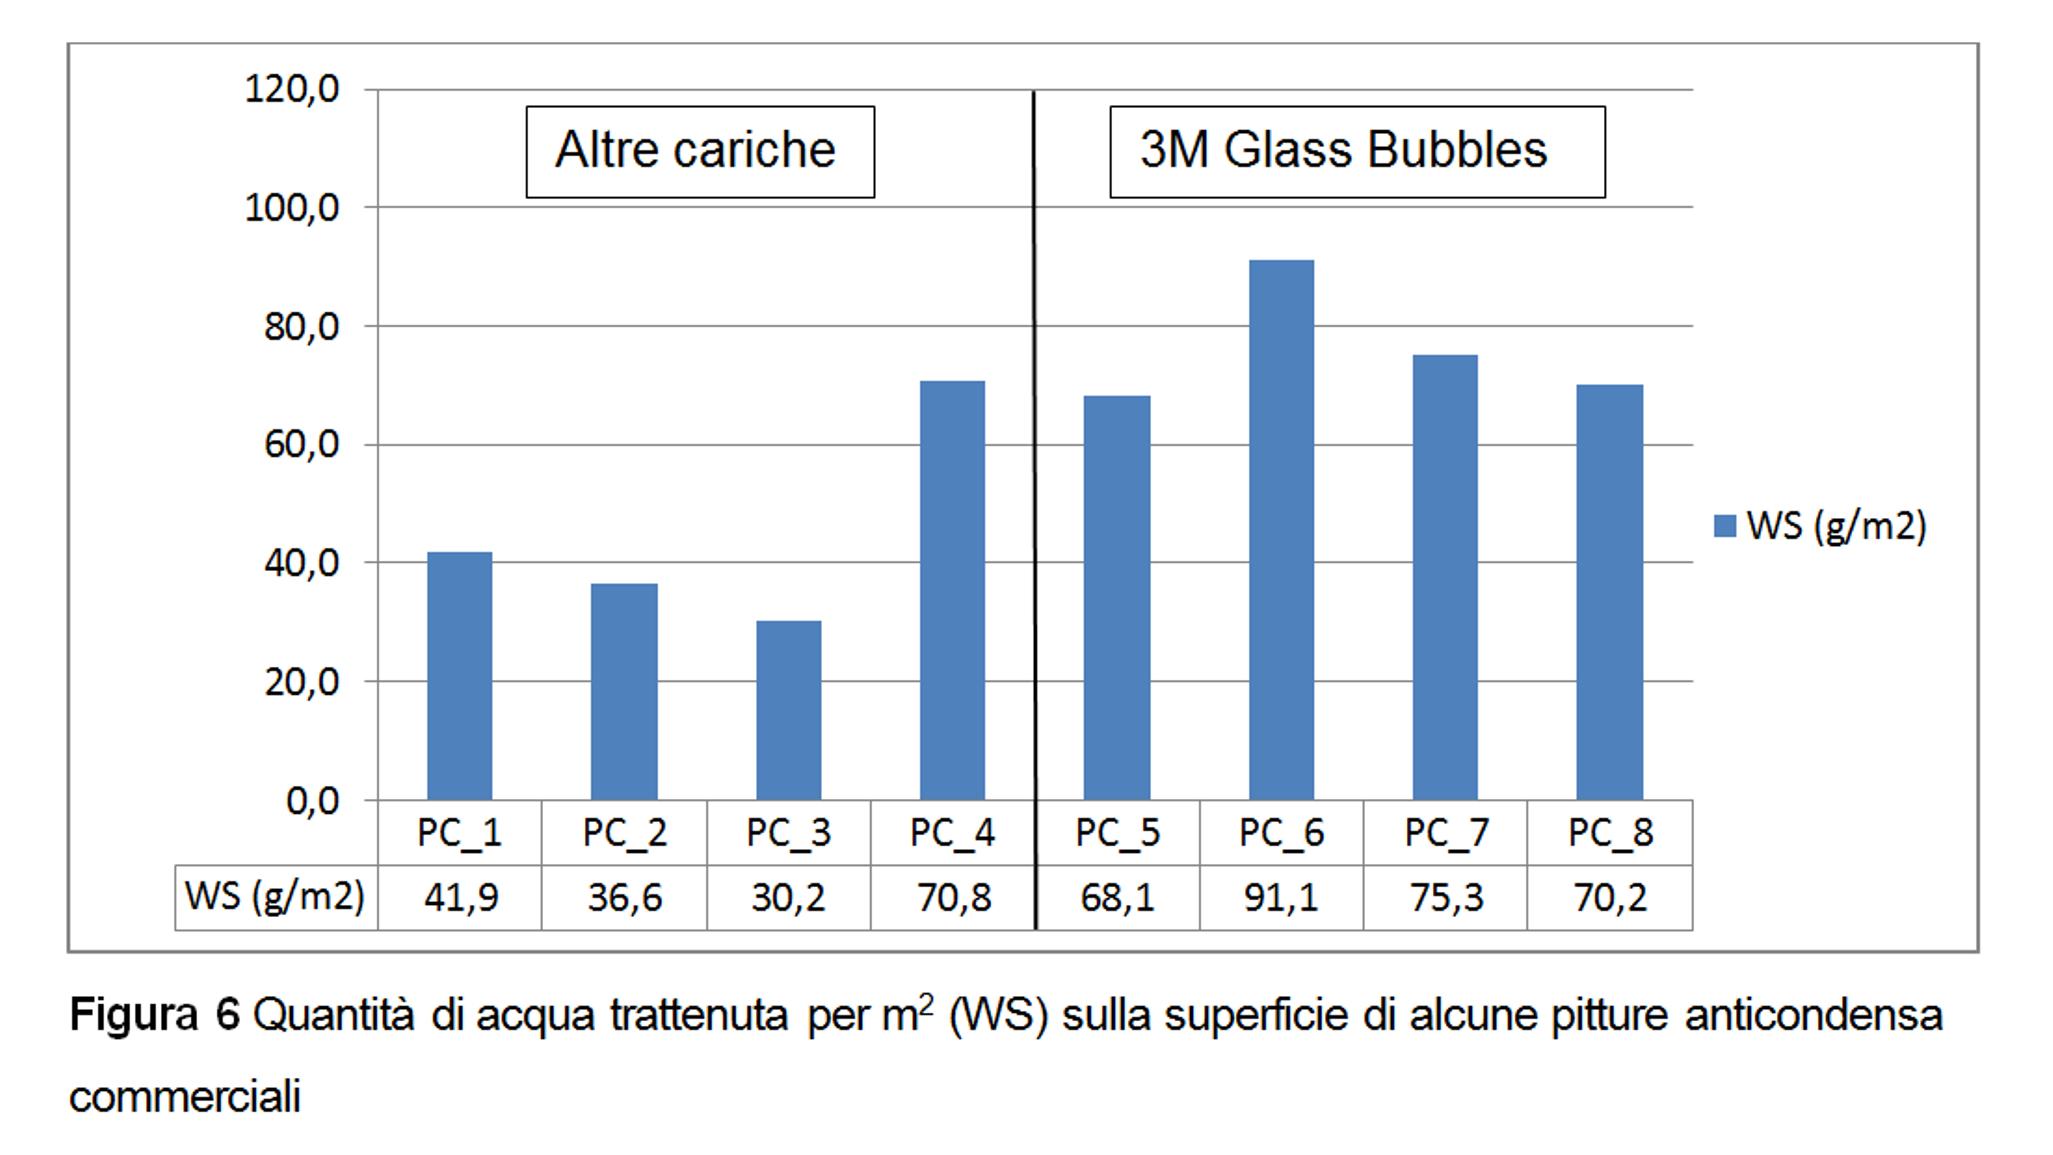 Figura 6 - Quantità di acqua trattenuta per m2 (WS) sulla superficie di alcune pitture anticondensa commerciali